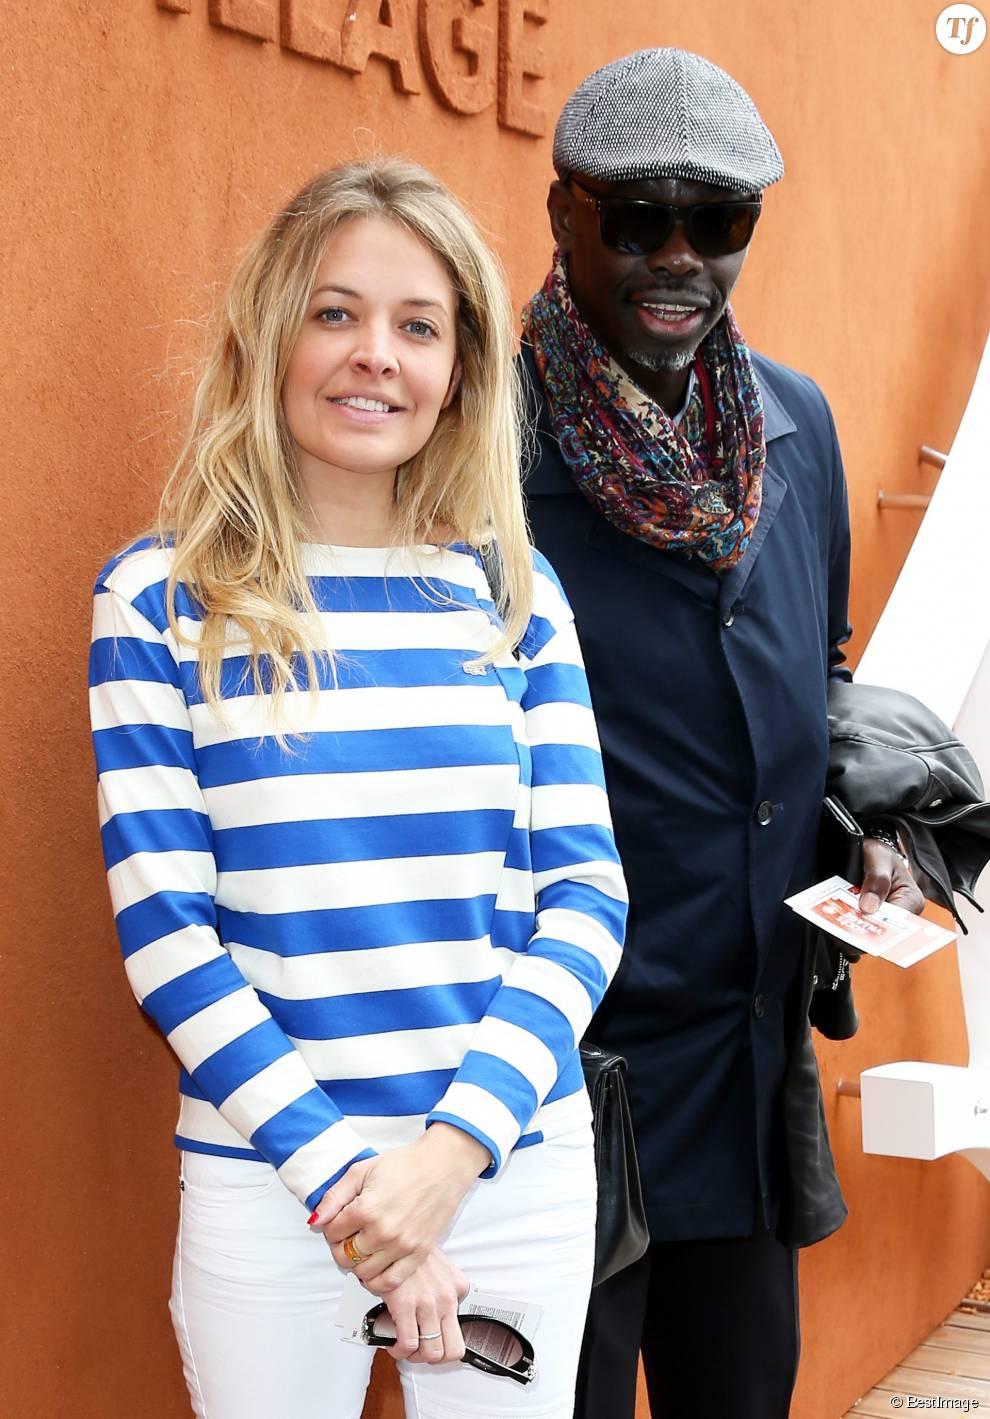 Carine Galli, guest - Jour 11 - People dans le village lors du tournoi de tennis de Roland Garros à Paris le 3 juin 2015.